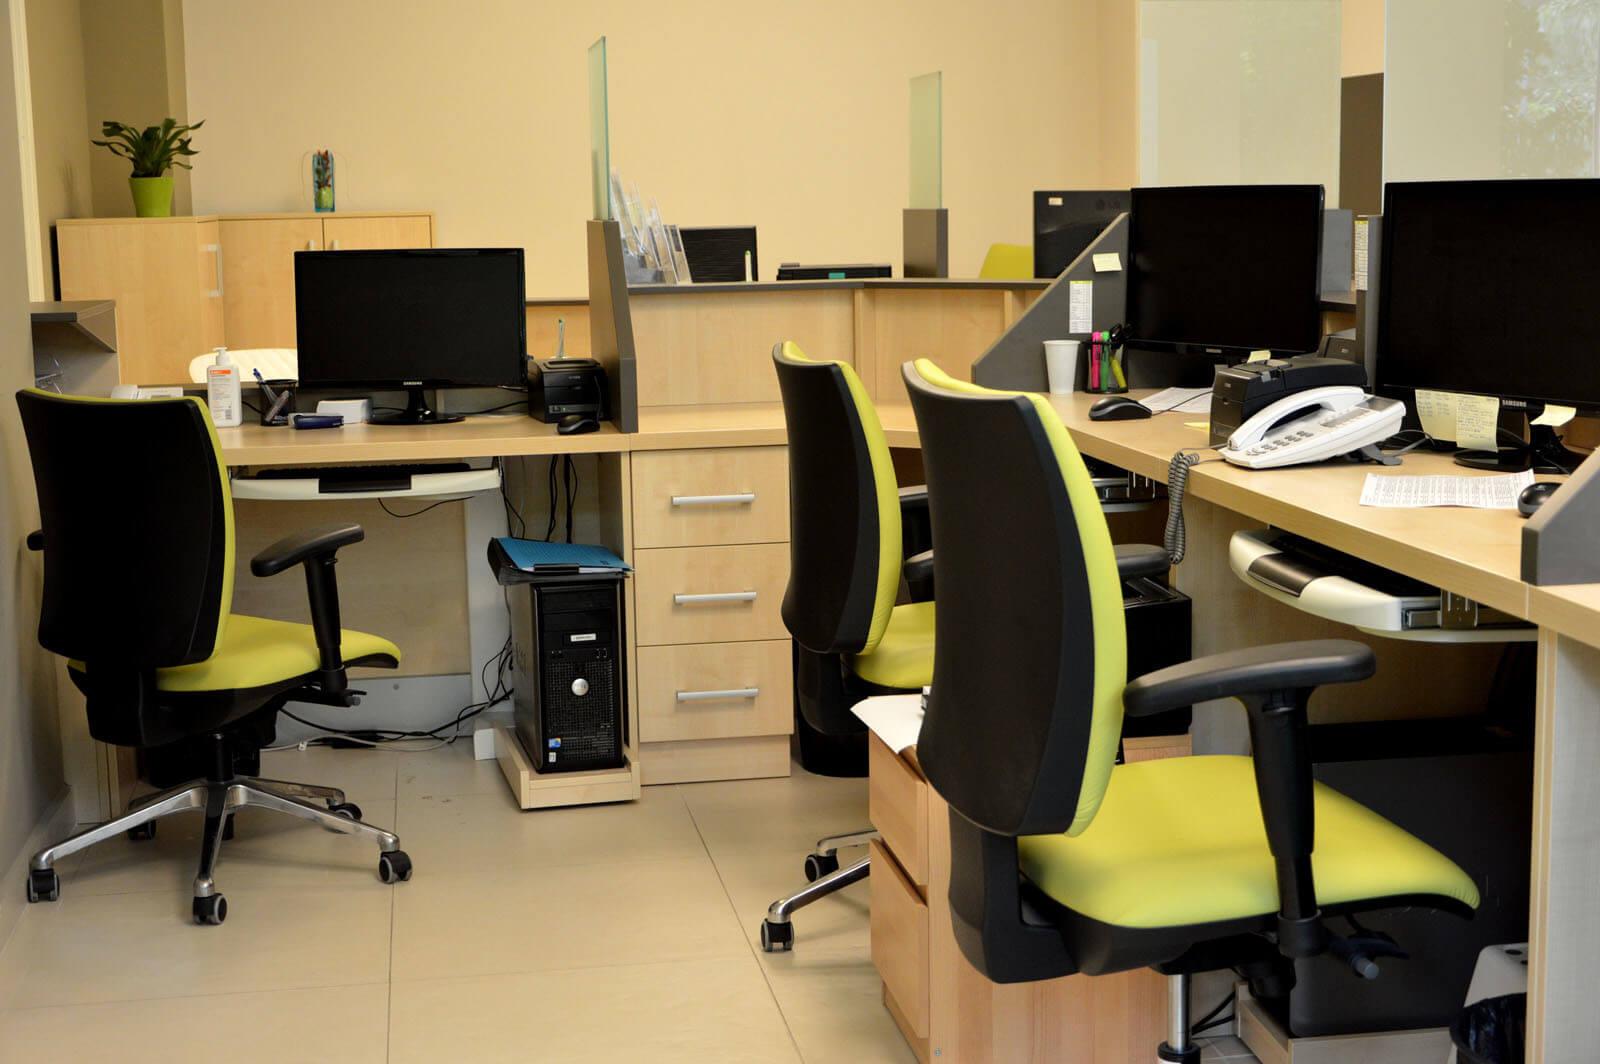 Egyedi recepciós pult készítés juhar színben, gurulós számítógép tartóval, fiókos konténerrel